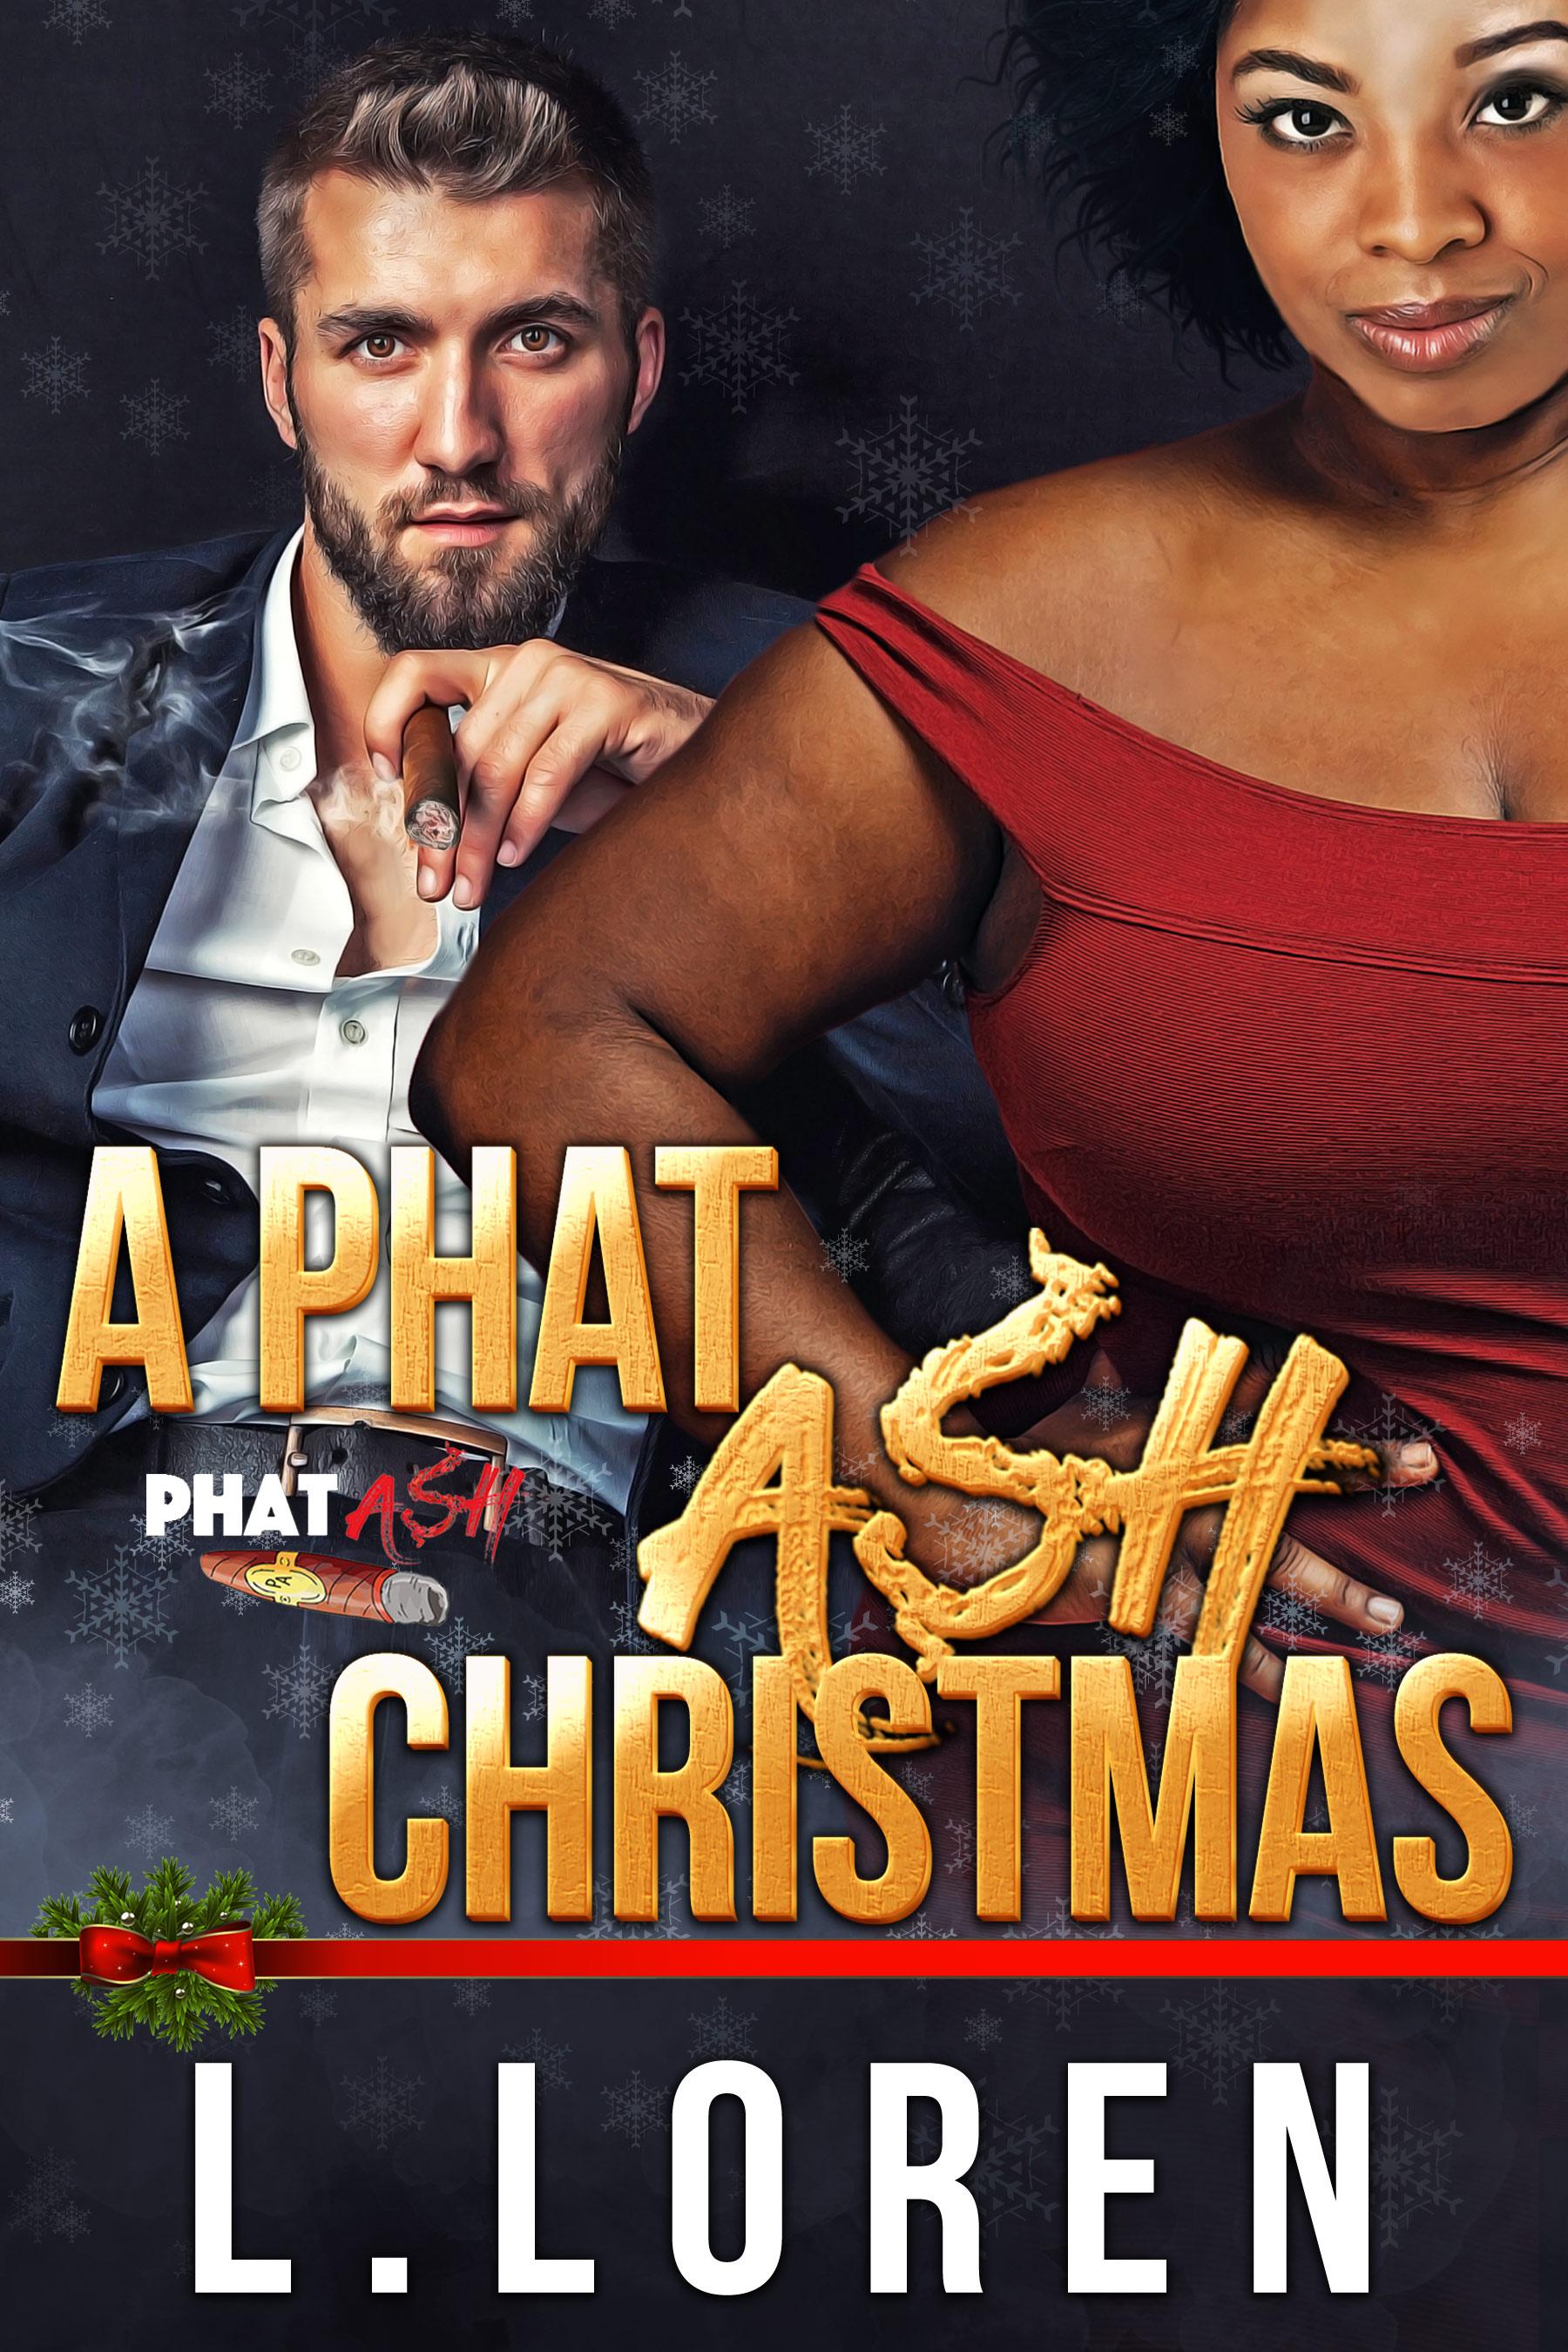 A-Phat-Ash-Christmas-web